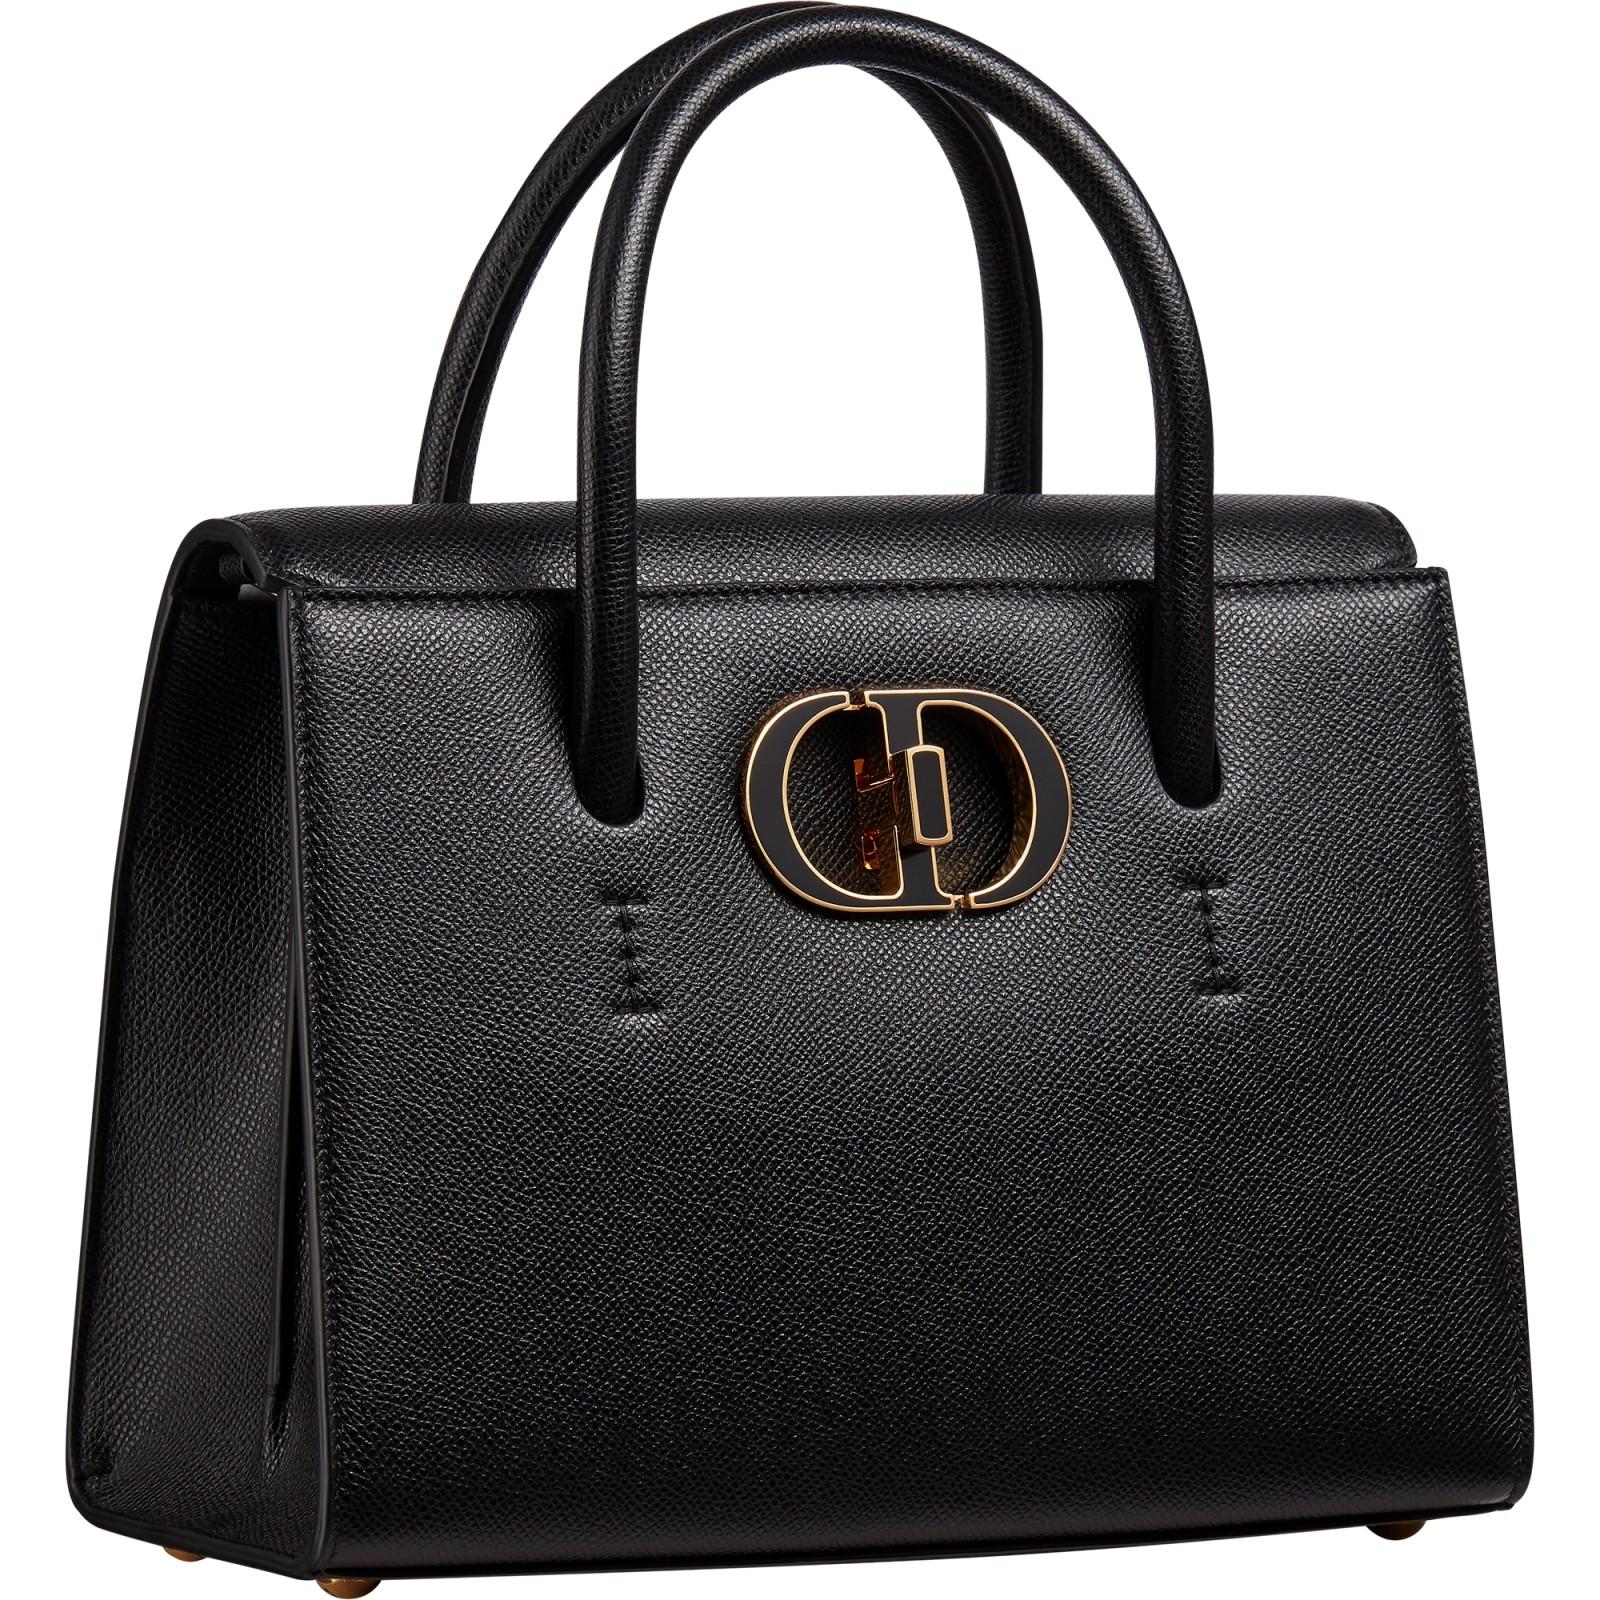 Τσάντα St Honoré σε μαύρο, του οίκου Dior.